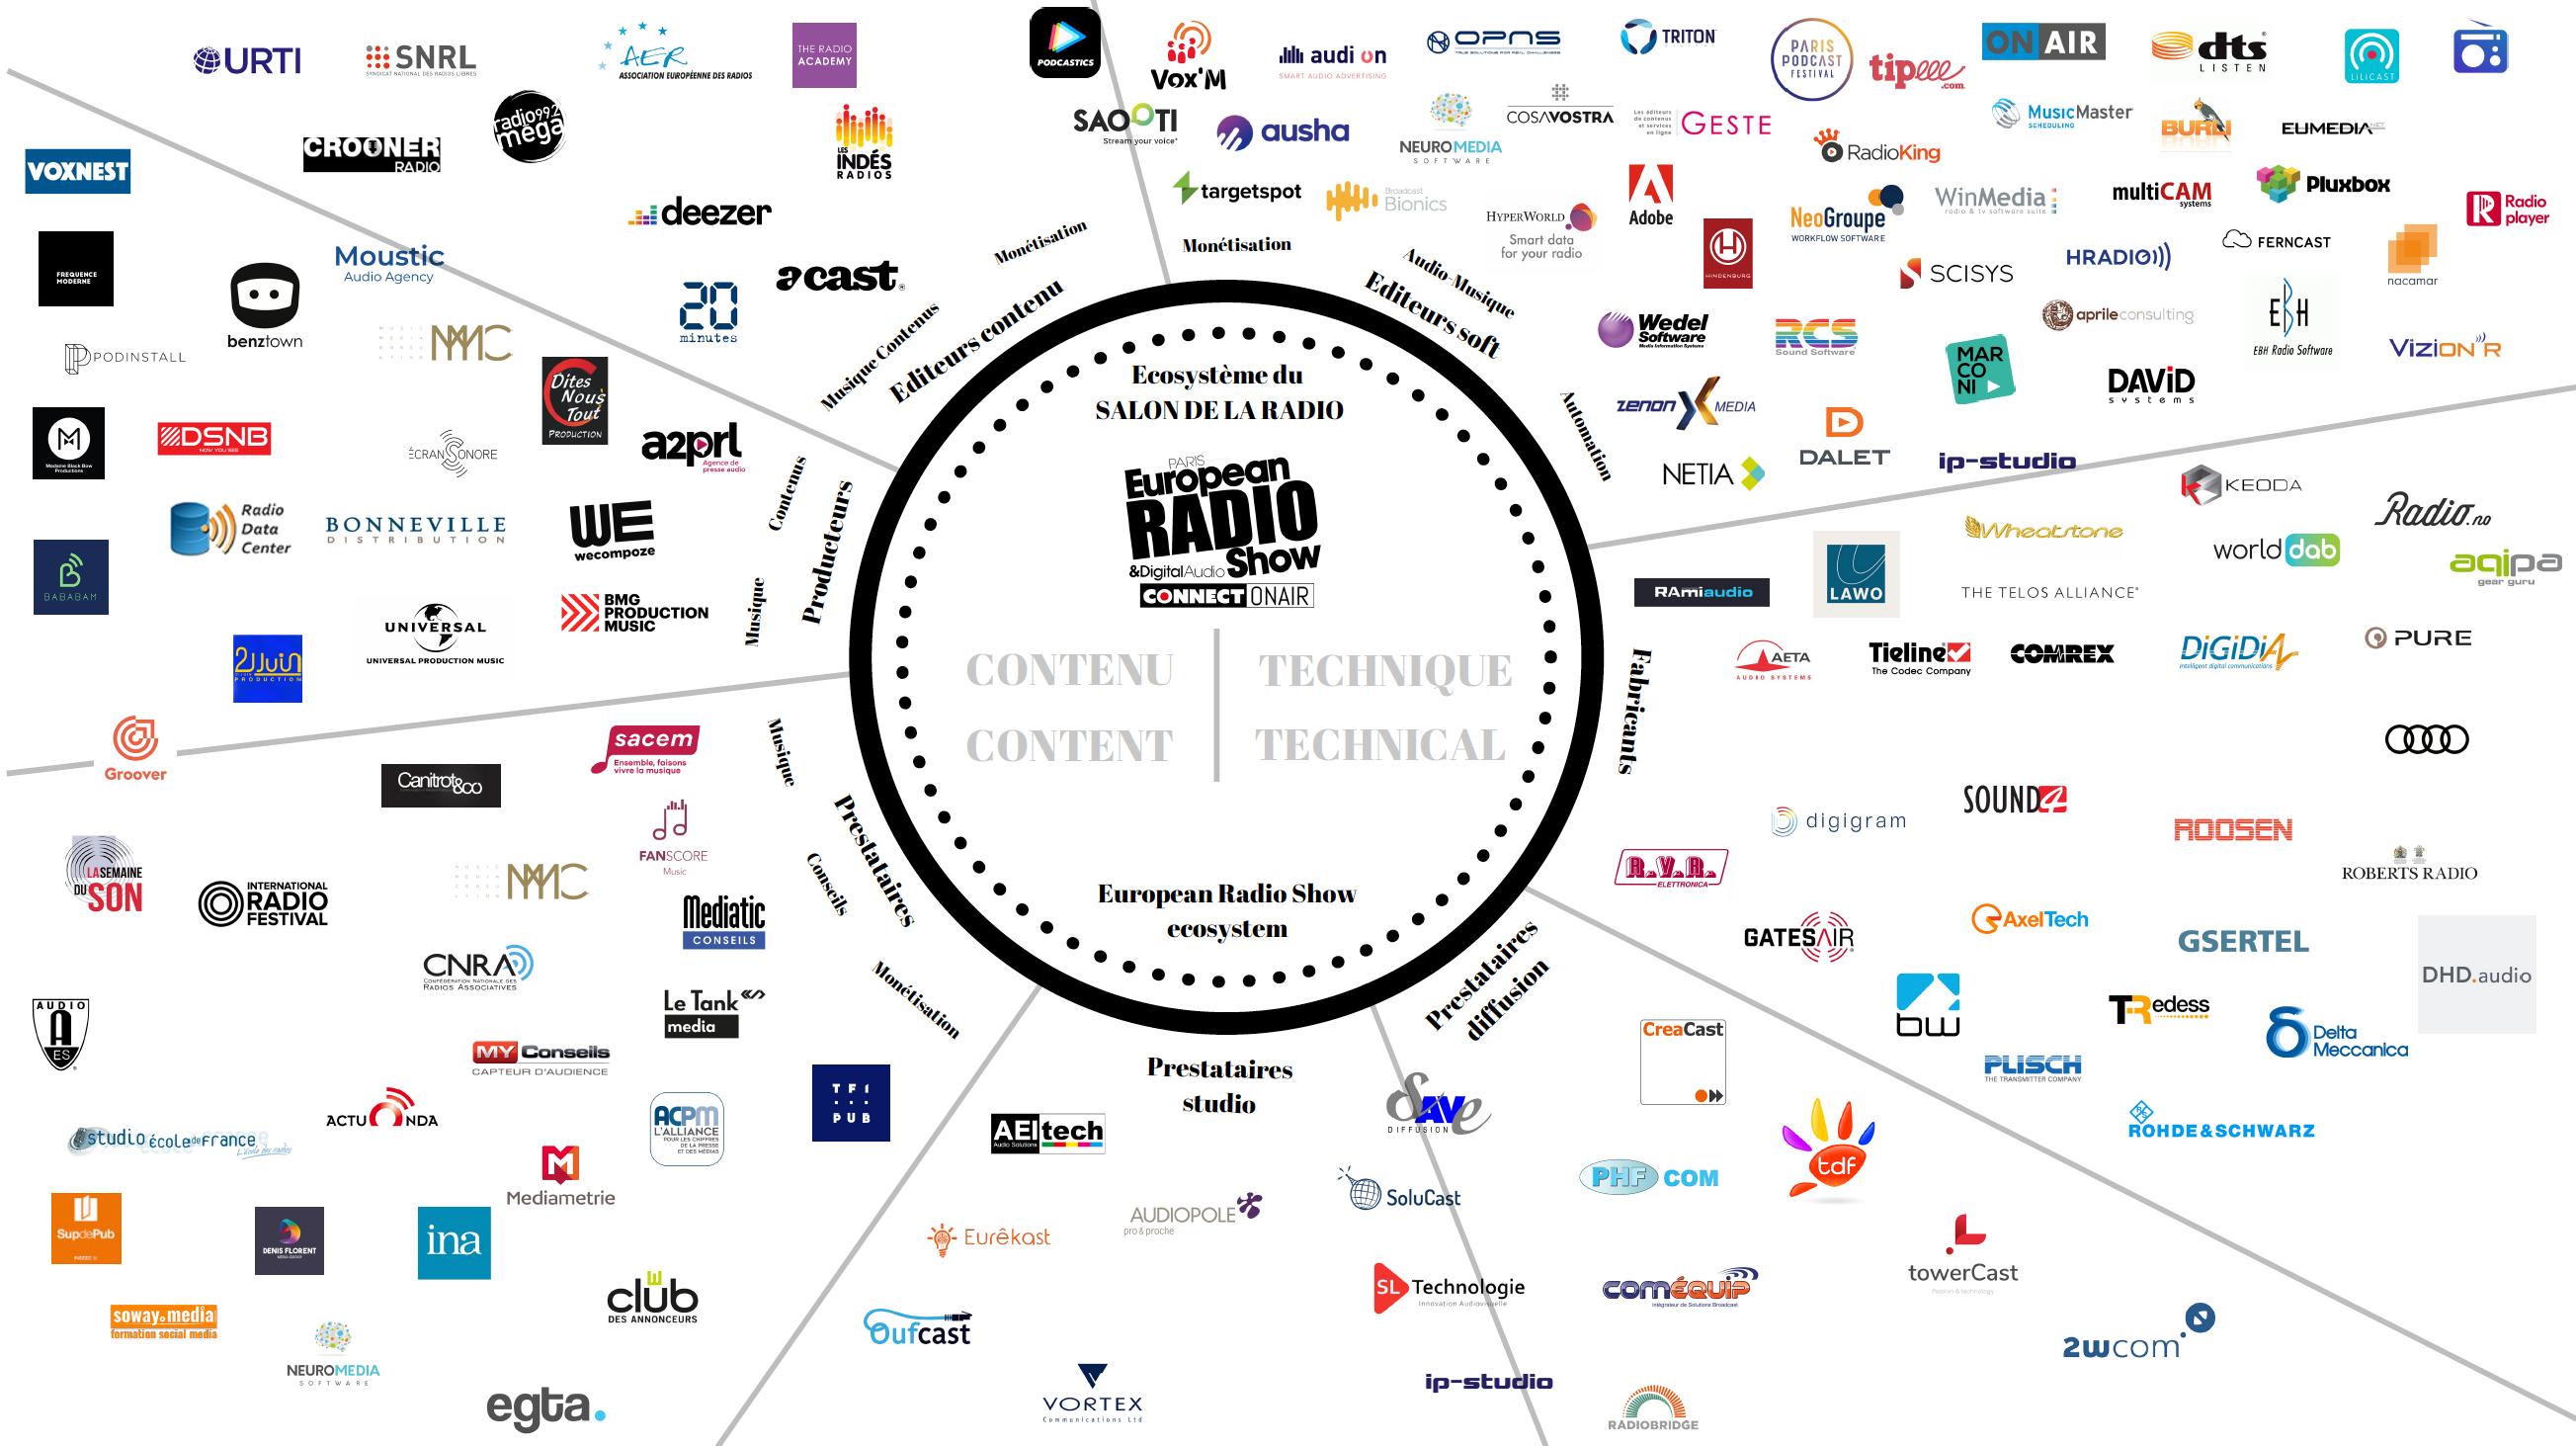 Tout l'univers du Salon de la Radio et de l'Audio Digital en une seule image